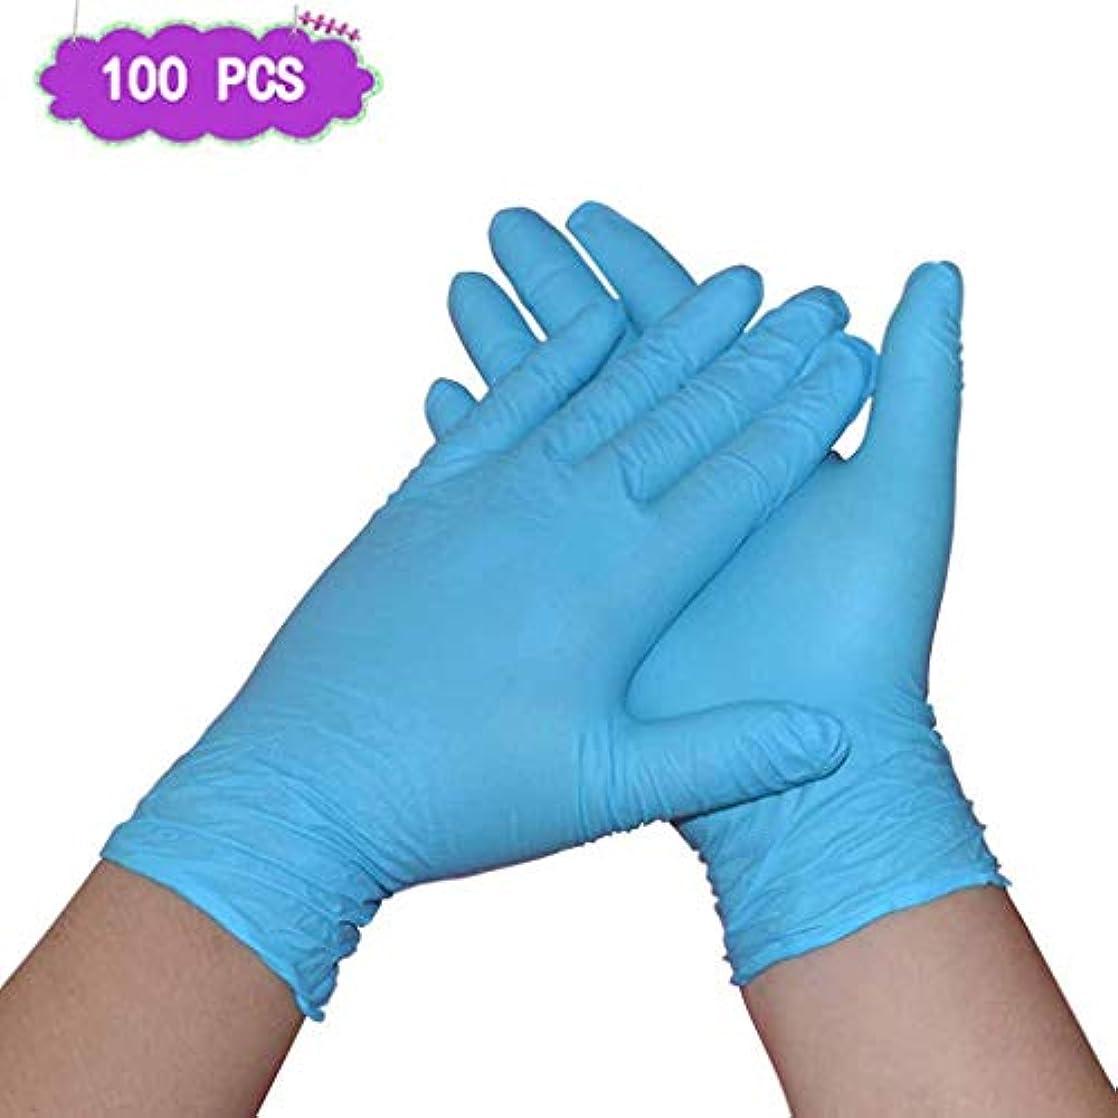 続編ジョットディボンドン描写ニトリル手袋9インチ厚い青いラテックスゴム家事美防水酸とアルカリの義務試験手袋 病院、法執行機関向けのプロフェッショナルグレード (Size : L)